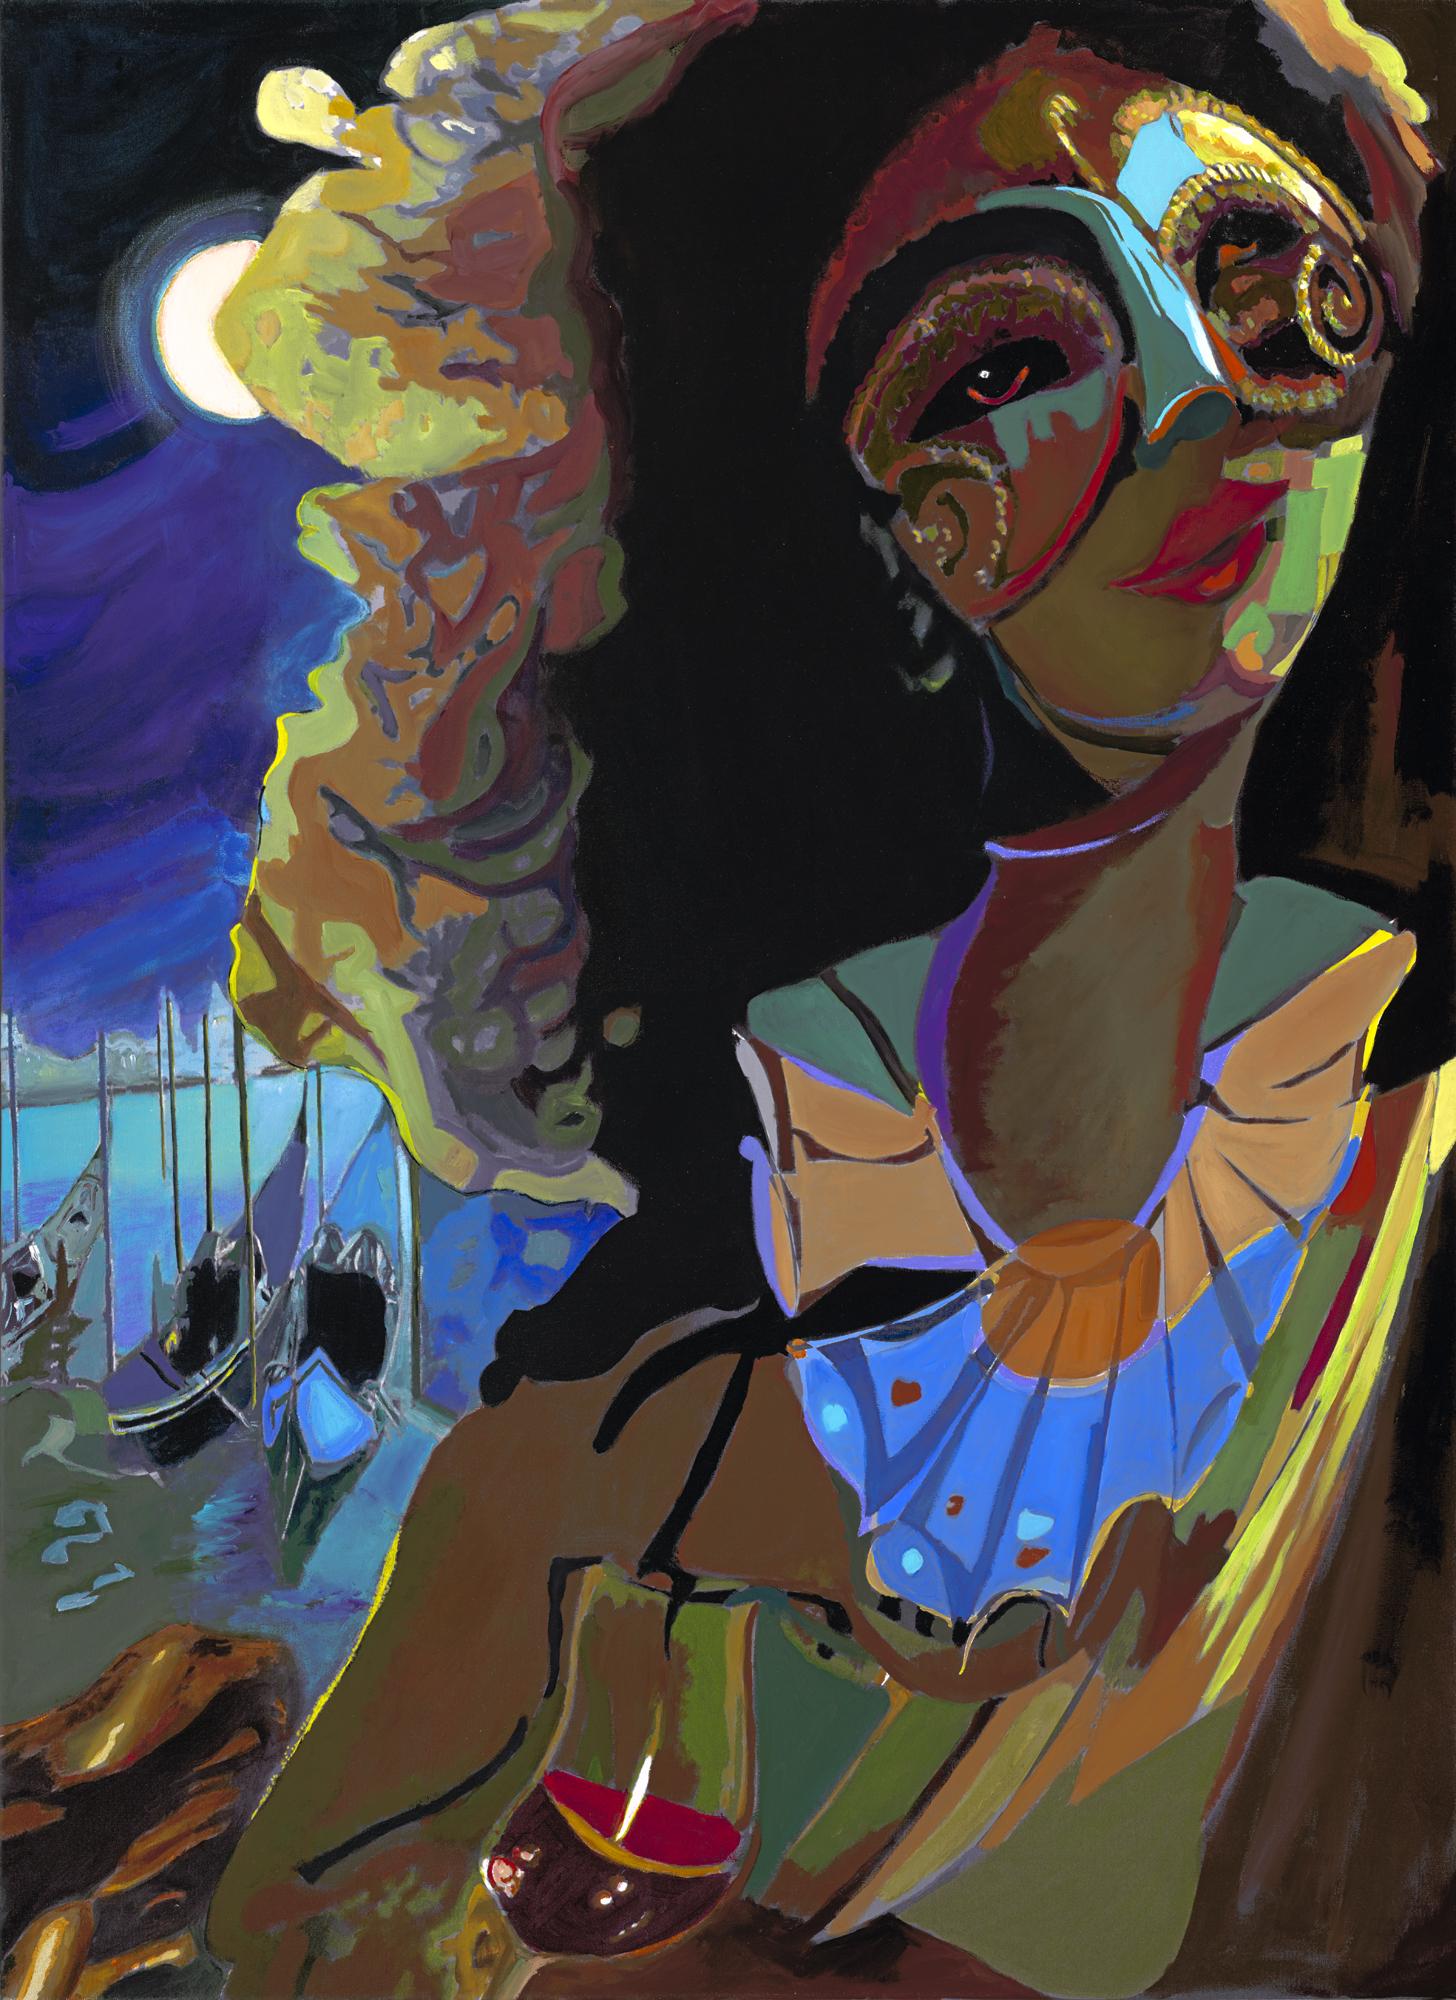 Grant_Carnival copy 2.jpg